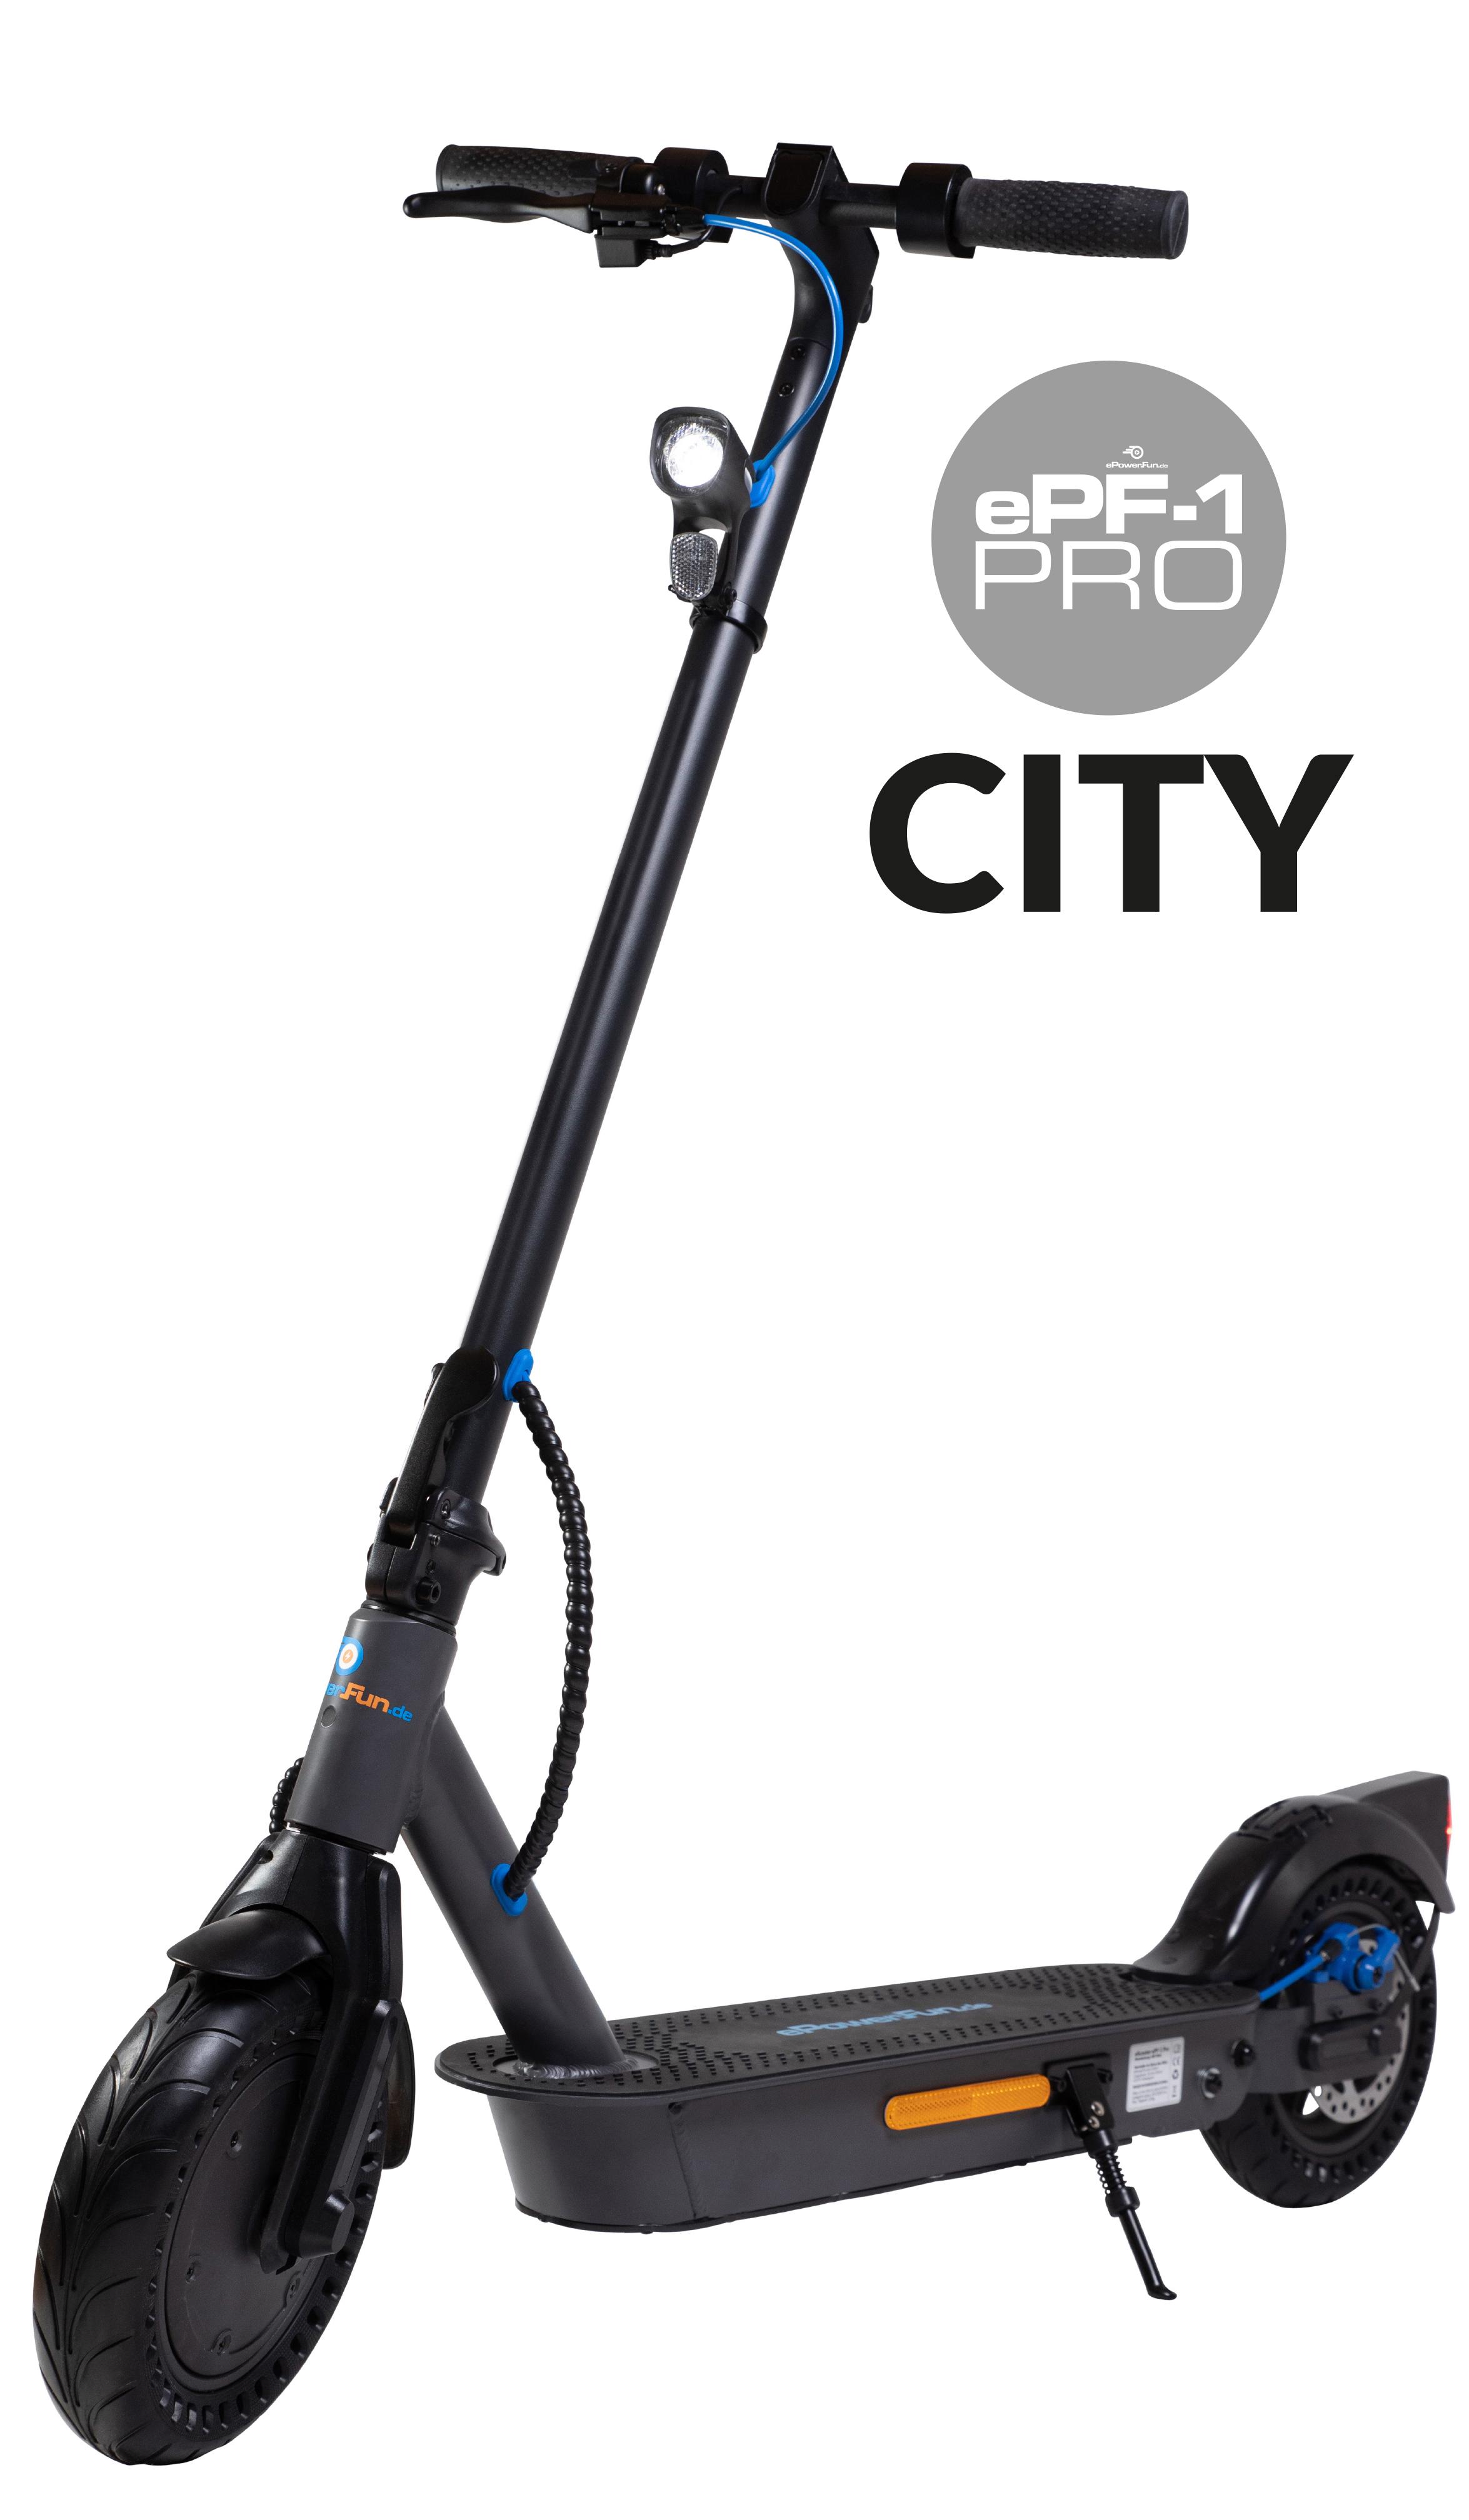 """Vorbestellung - ePF-1 PRO """"City"""" - mit Straßenzulassung (ABE¹) - Lieferung bis 11.6.!"""